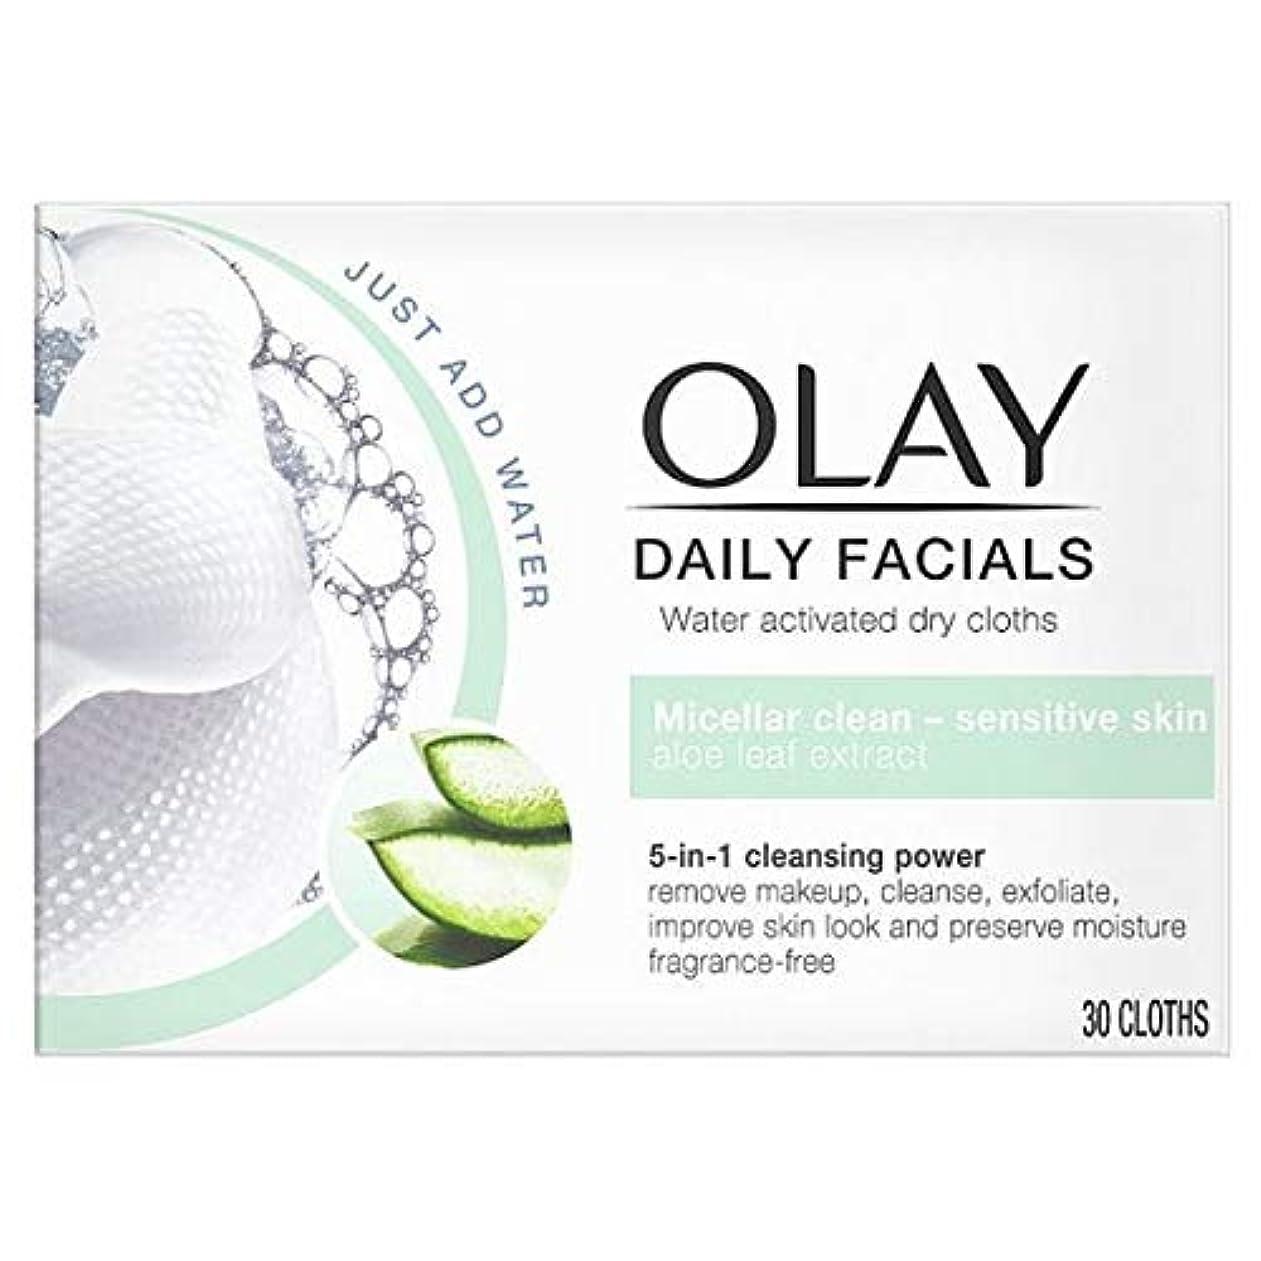 重くする謝る周波数[Olay ] オーレイ毎日フェイシャル5-In1は乾燥布 - 敏感肌 - Olay Daily Facials 5-in1 Dry Cloths - Sensitive Skin [並行輸入品]